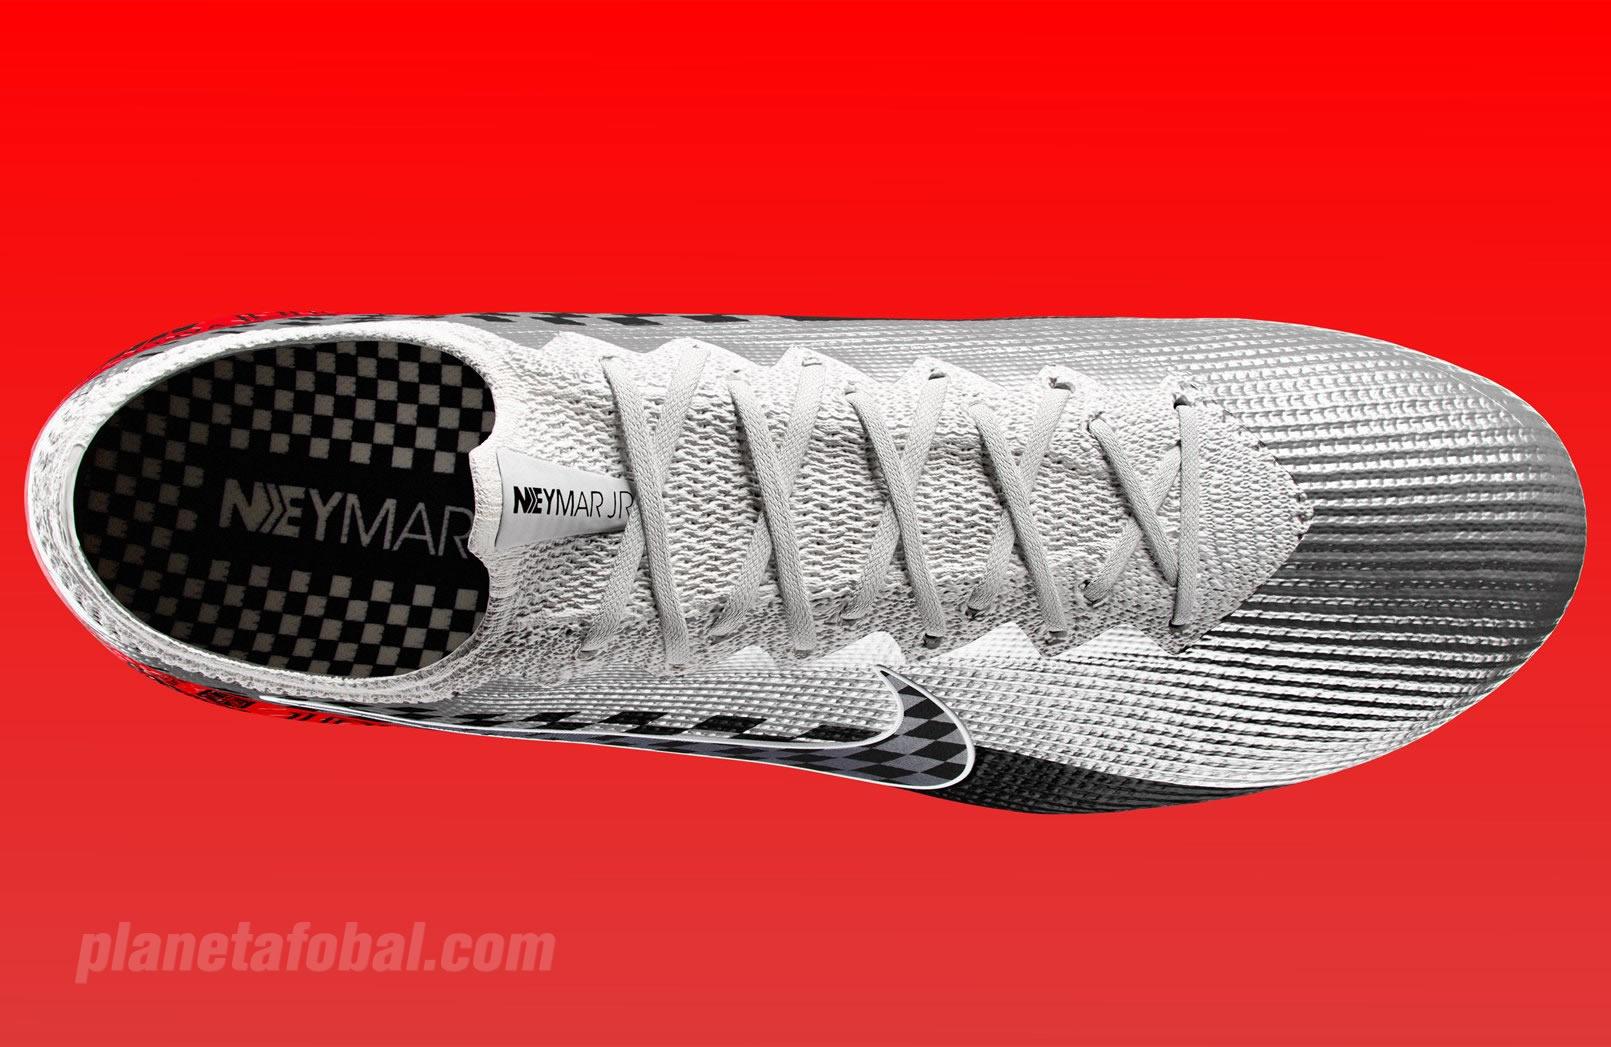 Botines Mercurial Vapor Speed Freak de Neymar JR | Imagen Nike